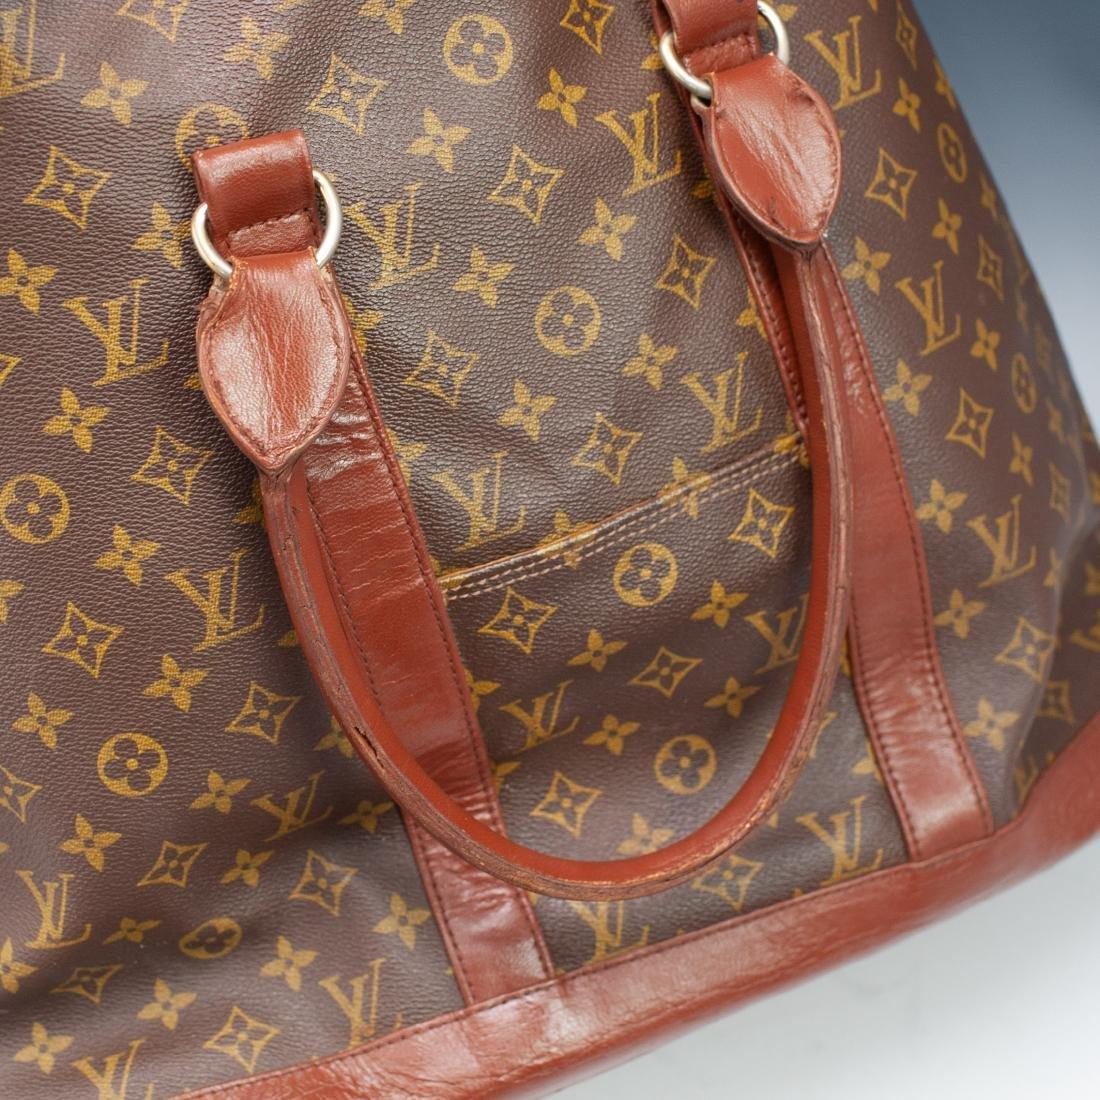 Louis Vuitton Babylone Tote Bag - 4